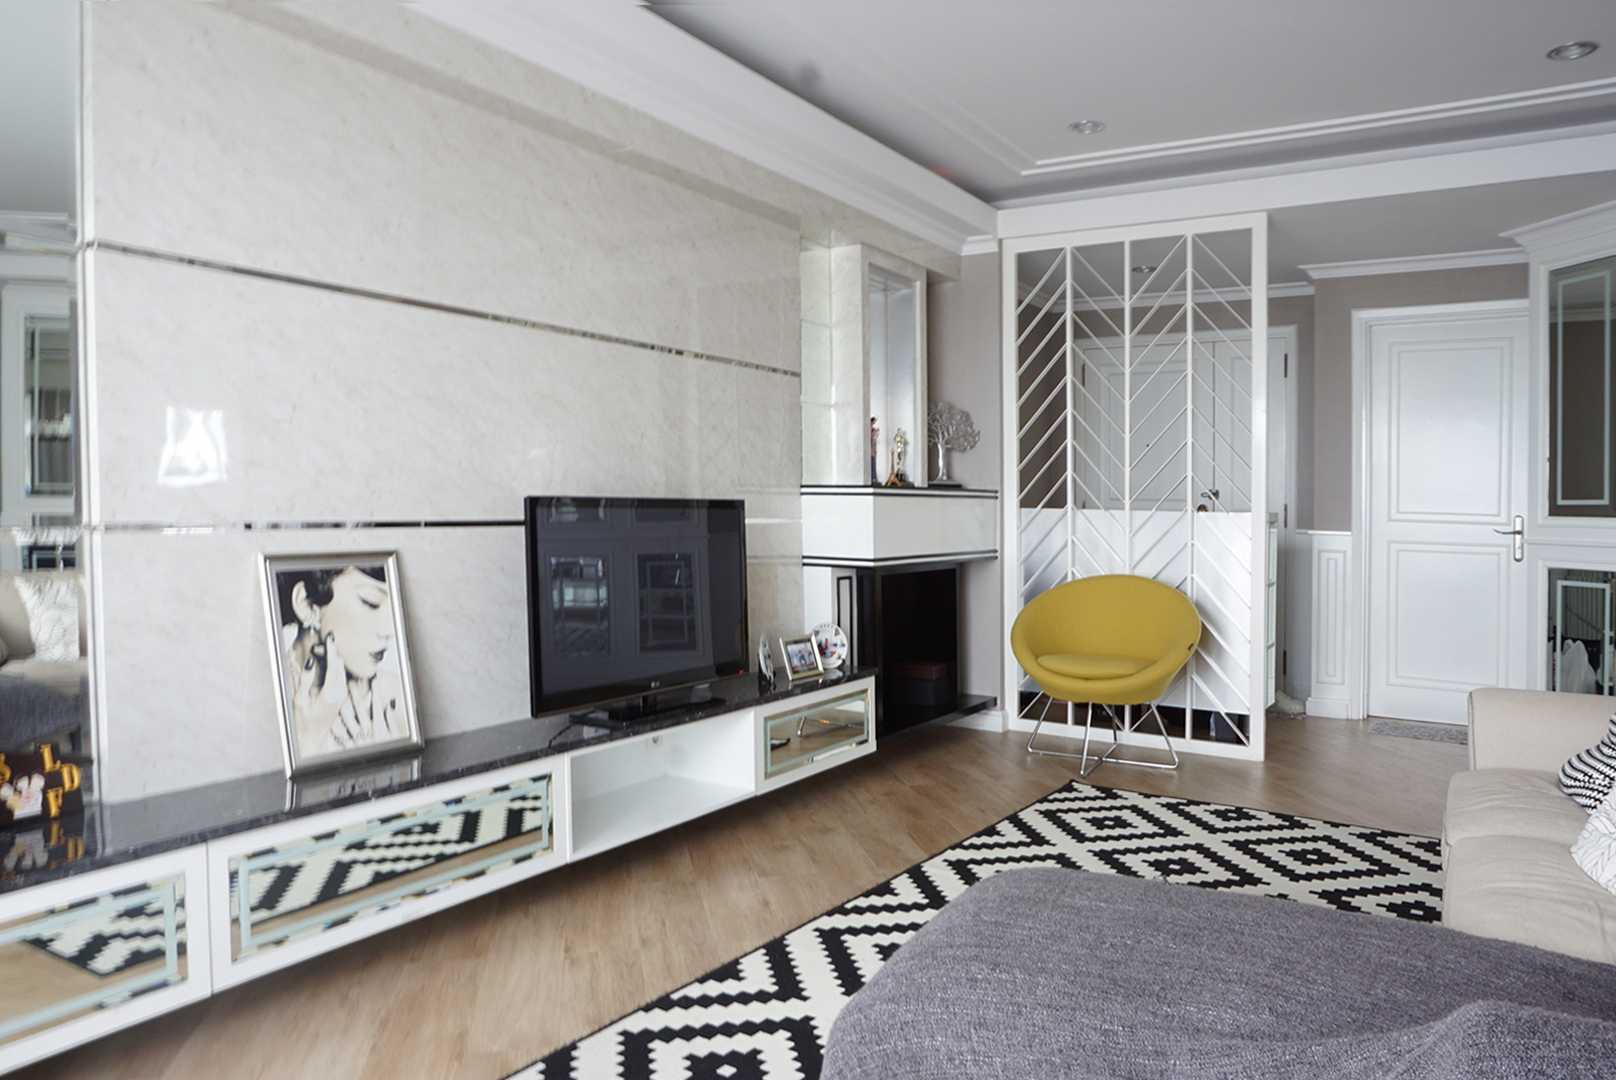 Ruang Putih Design & Build J Apartment Daerah Khusus Ibukota Jakarta, Indonesia Daerah Khusus Ibukota Jakarta, Indonesia Family Room   43078